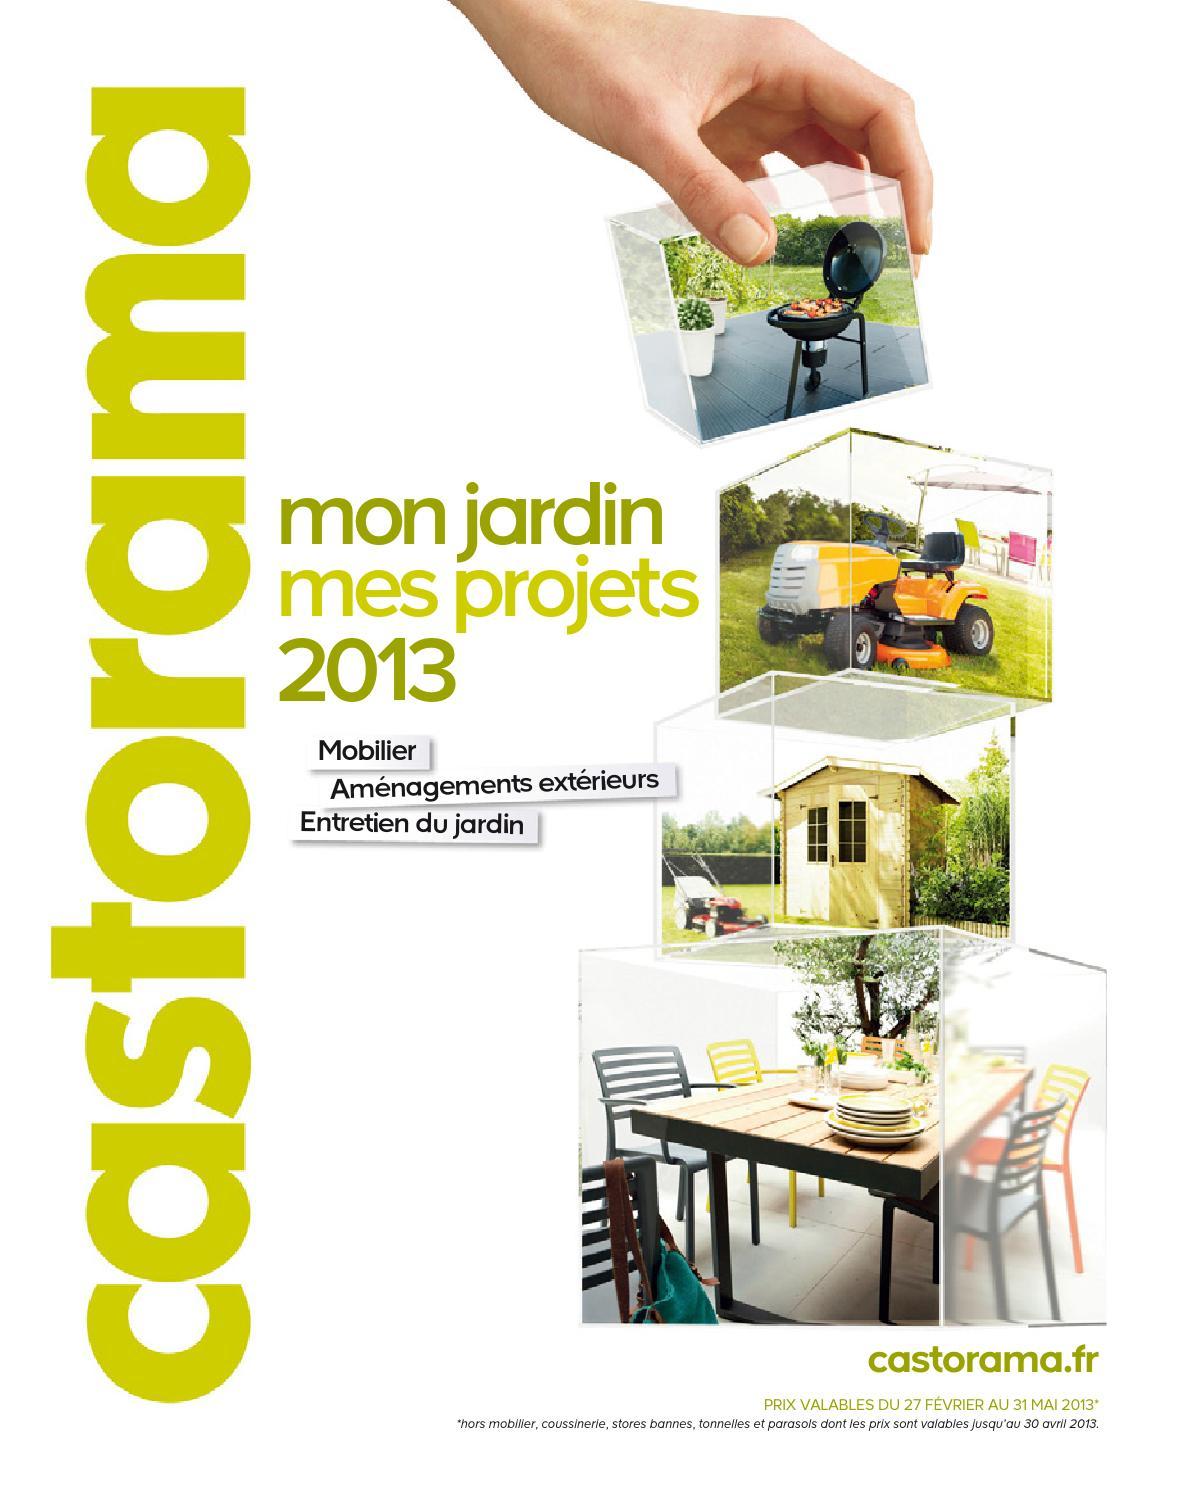 Catalogue Castorama Jardin Projets By Margot Ziegler - Issuu encequiconcerne Toile Pour Pergola 4X3 Castorama